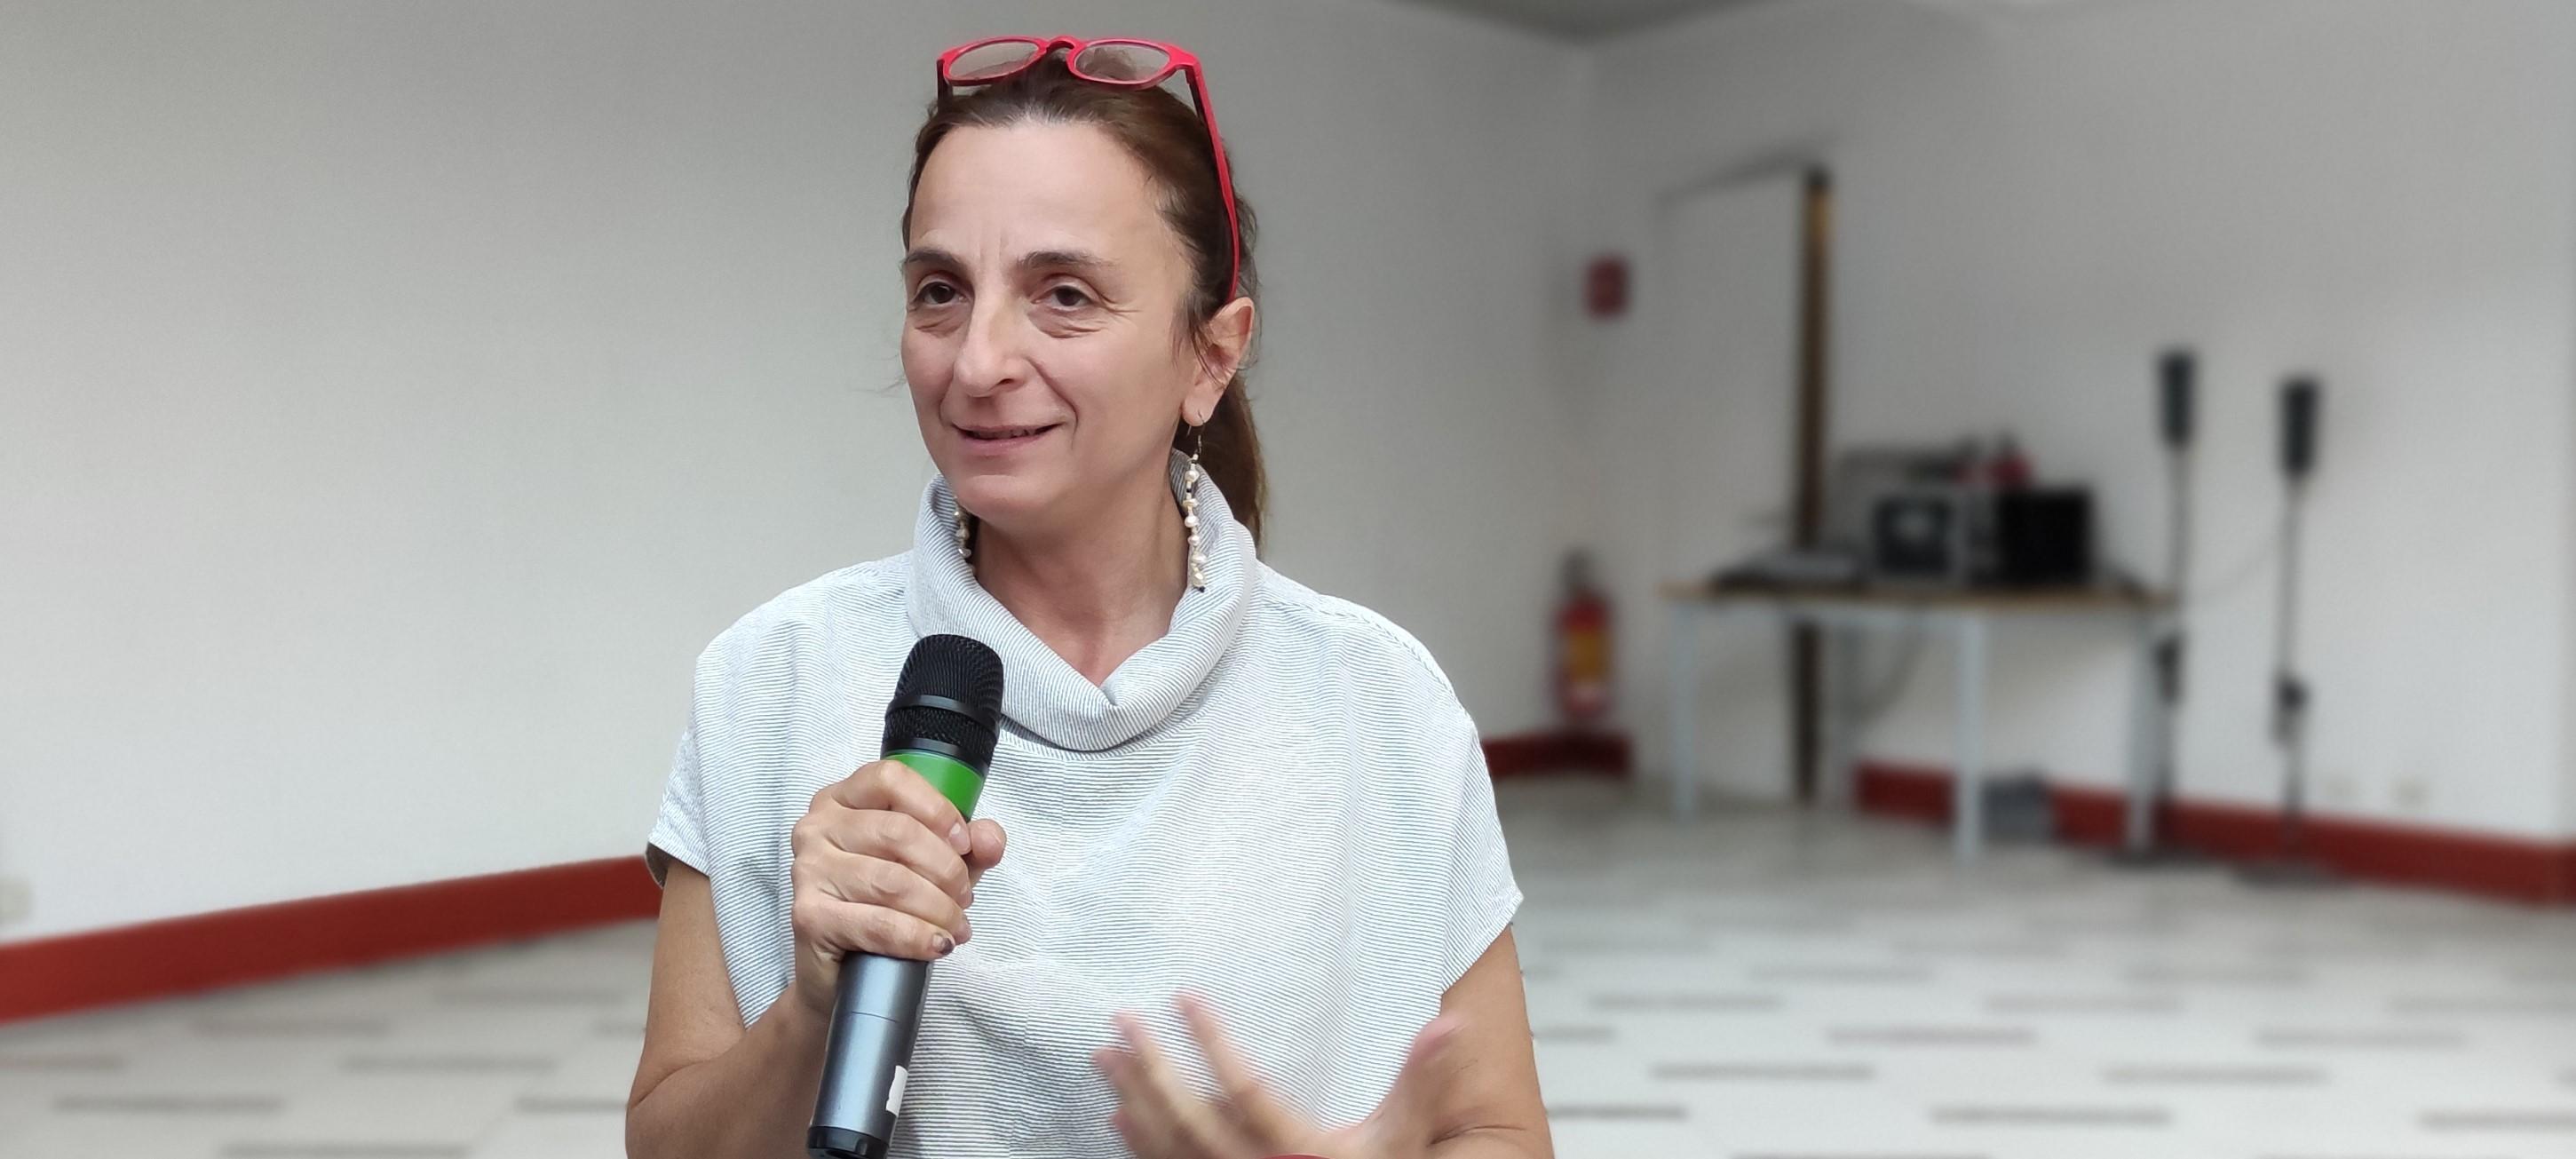 Giulia Pellegrino, responsabile evento Design e Architettura per Teatro Arcimboldi